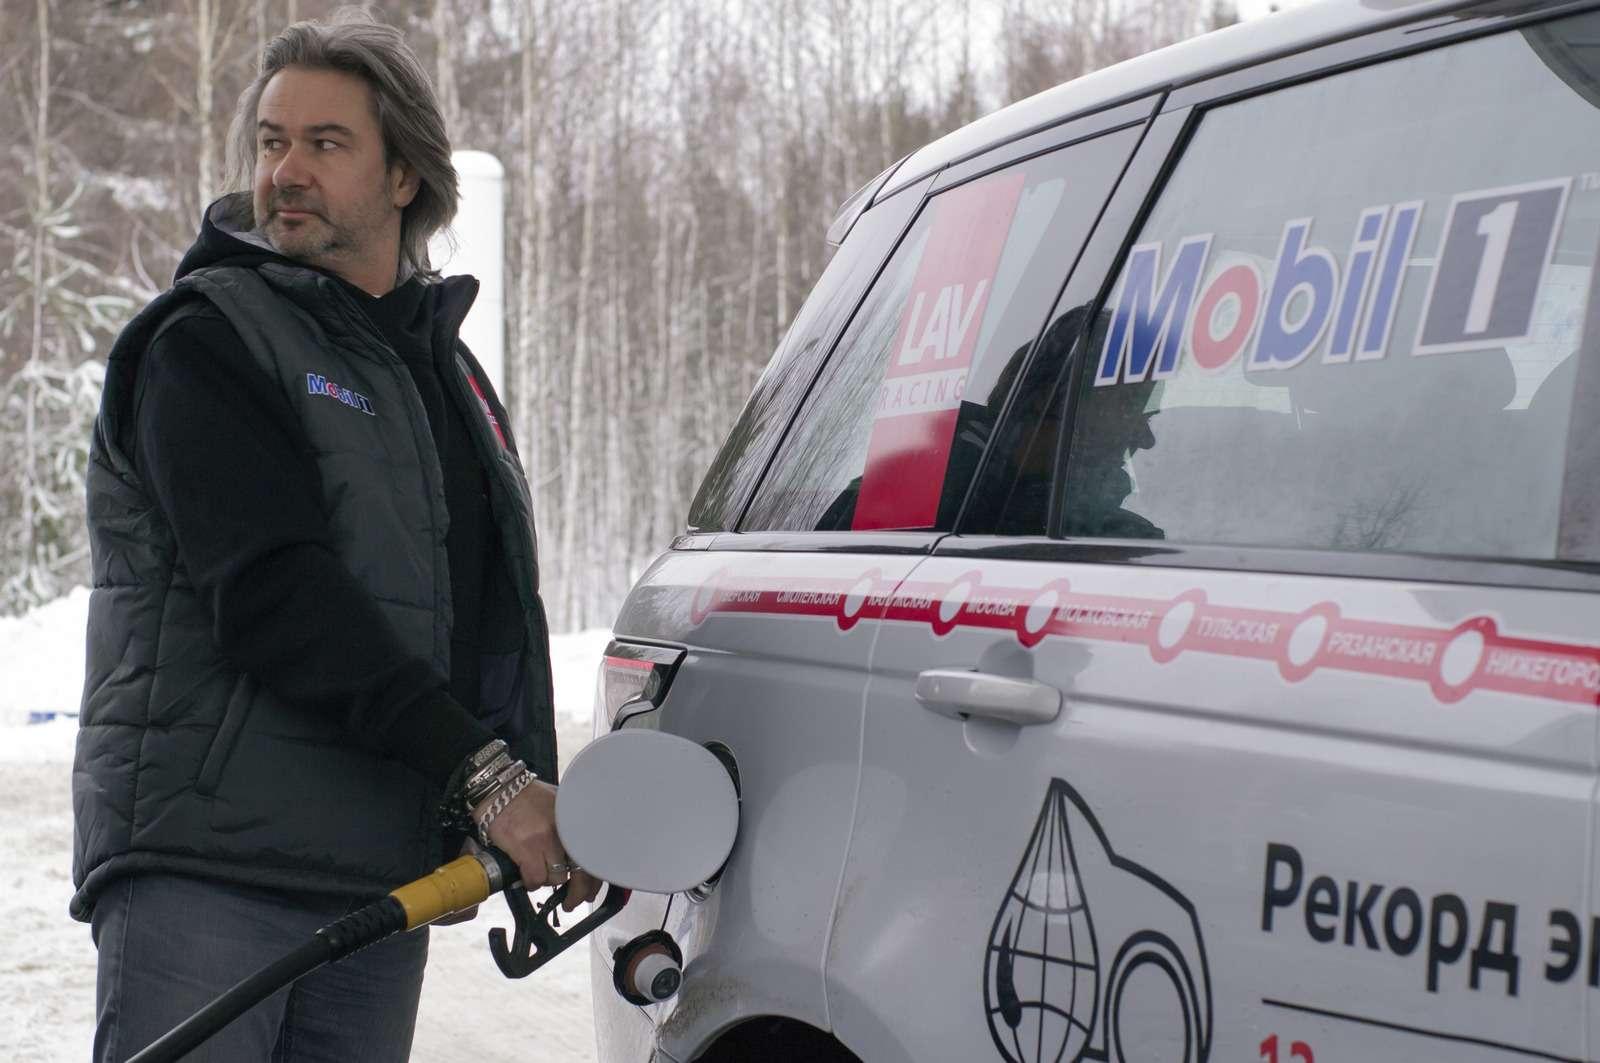 В России установлен рекорд экономичности намощном внедорожнике— фото 853967